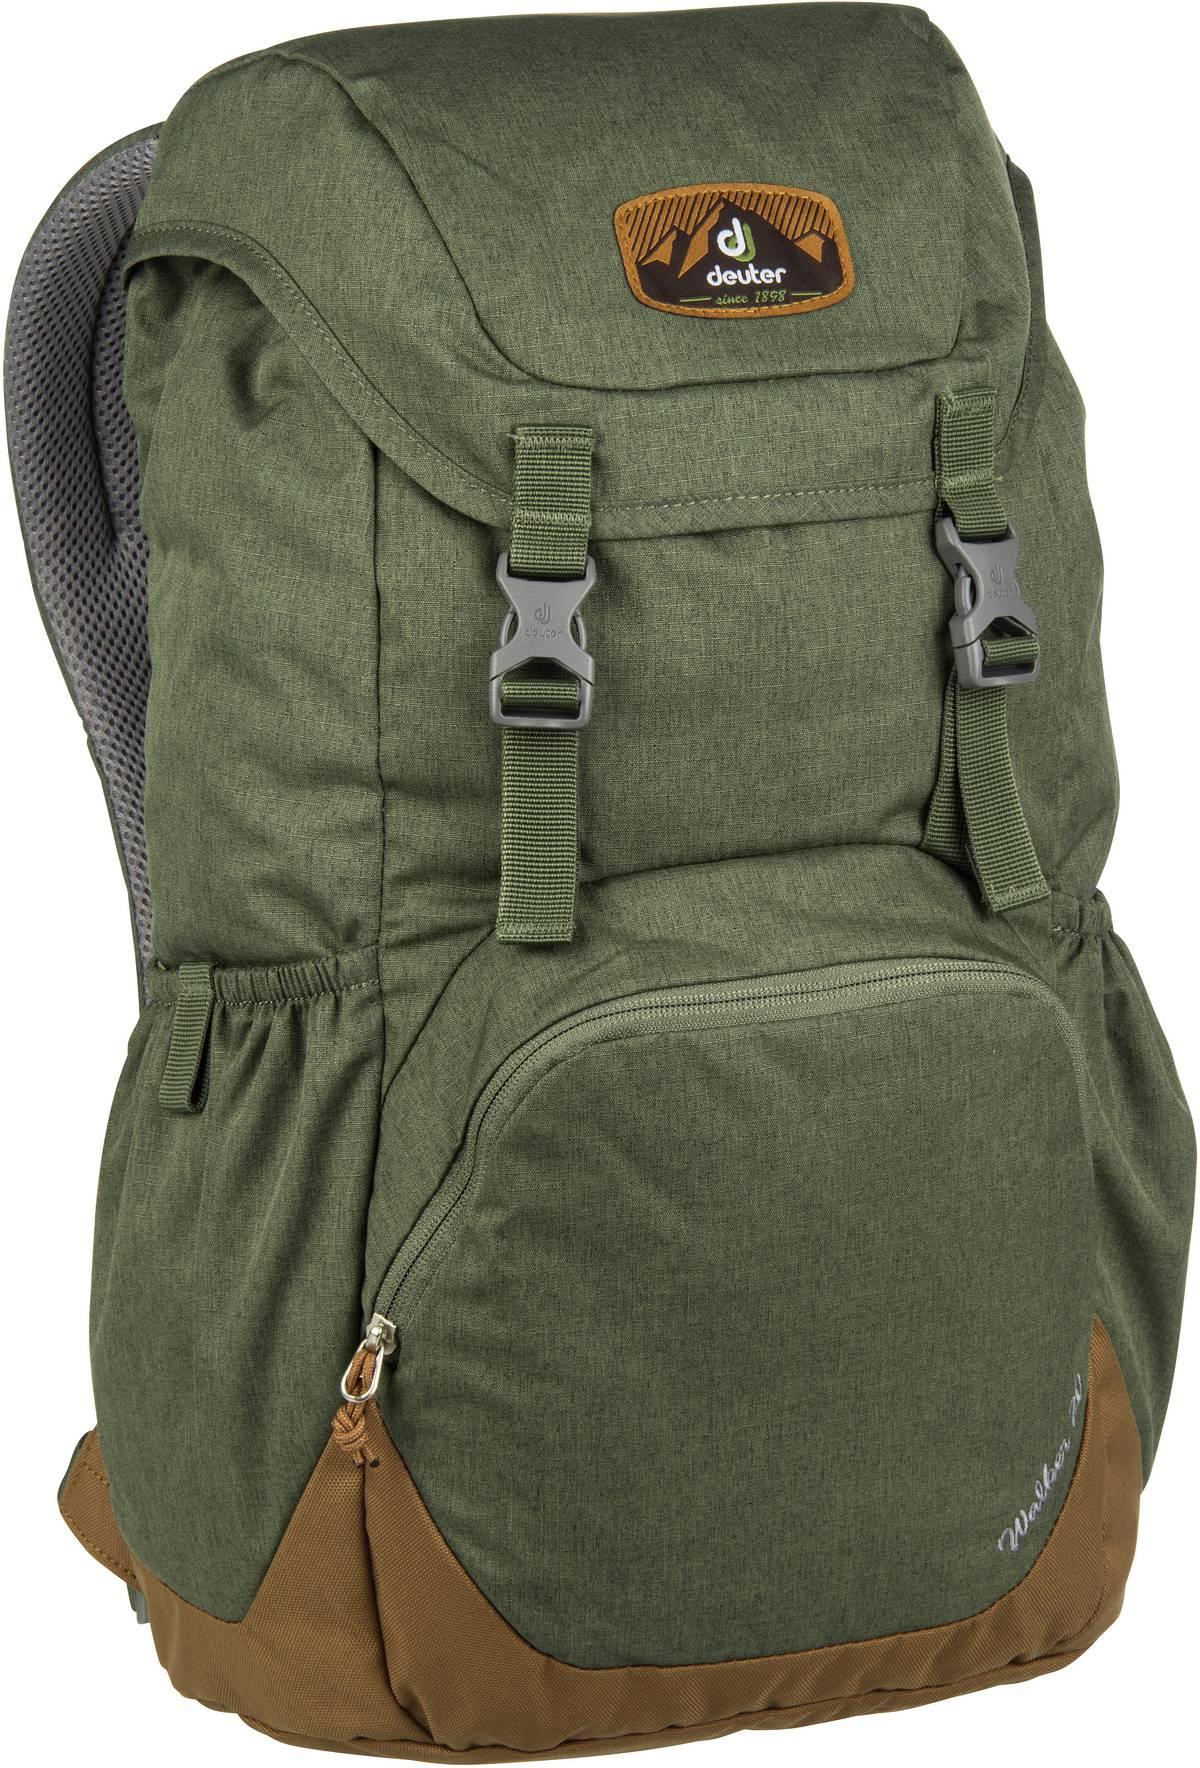 Rucksack / Daypack Walker 20 Khaki/Lion (20 Liter)